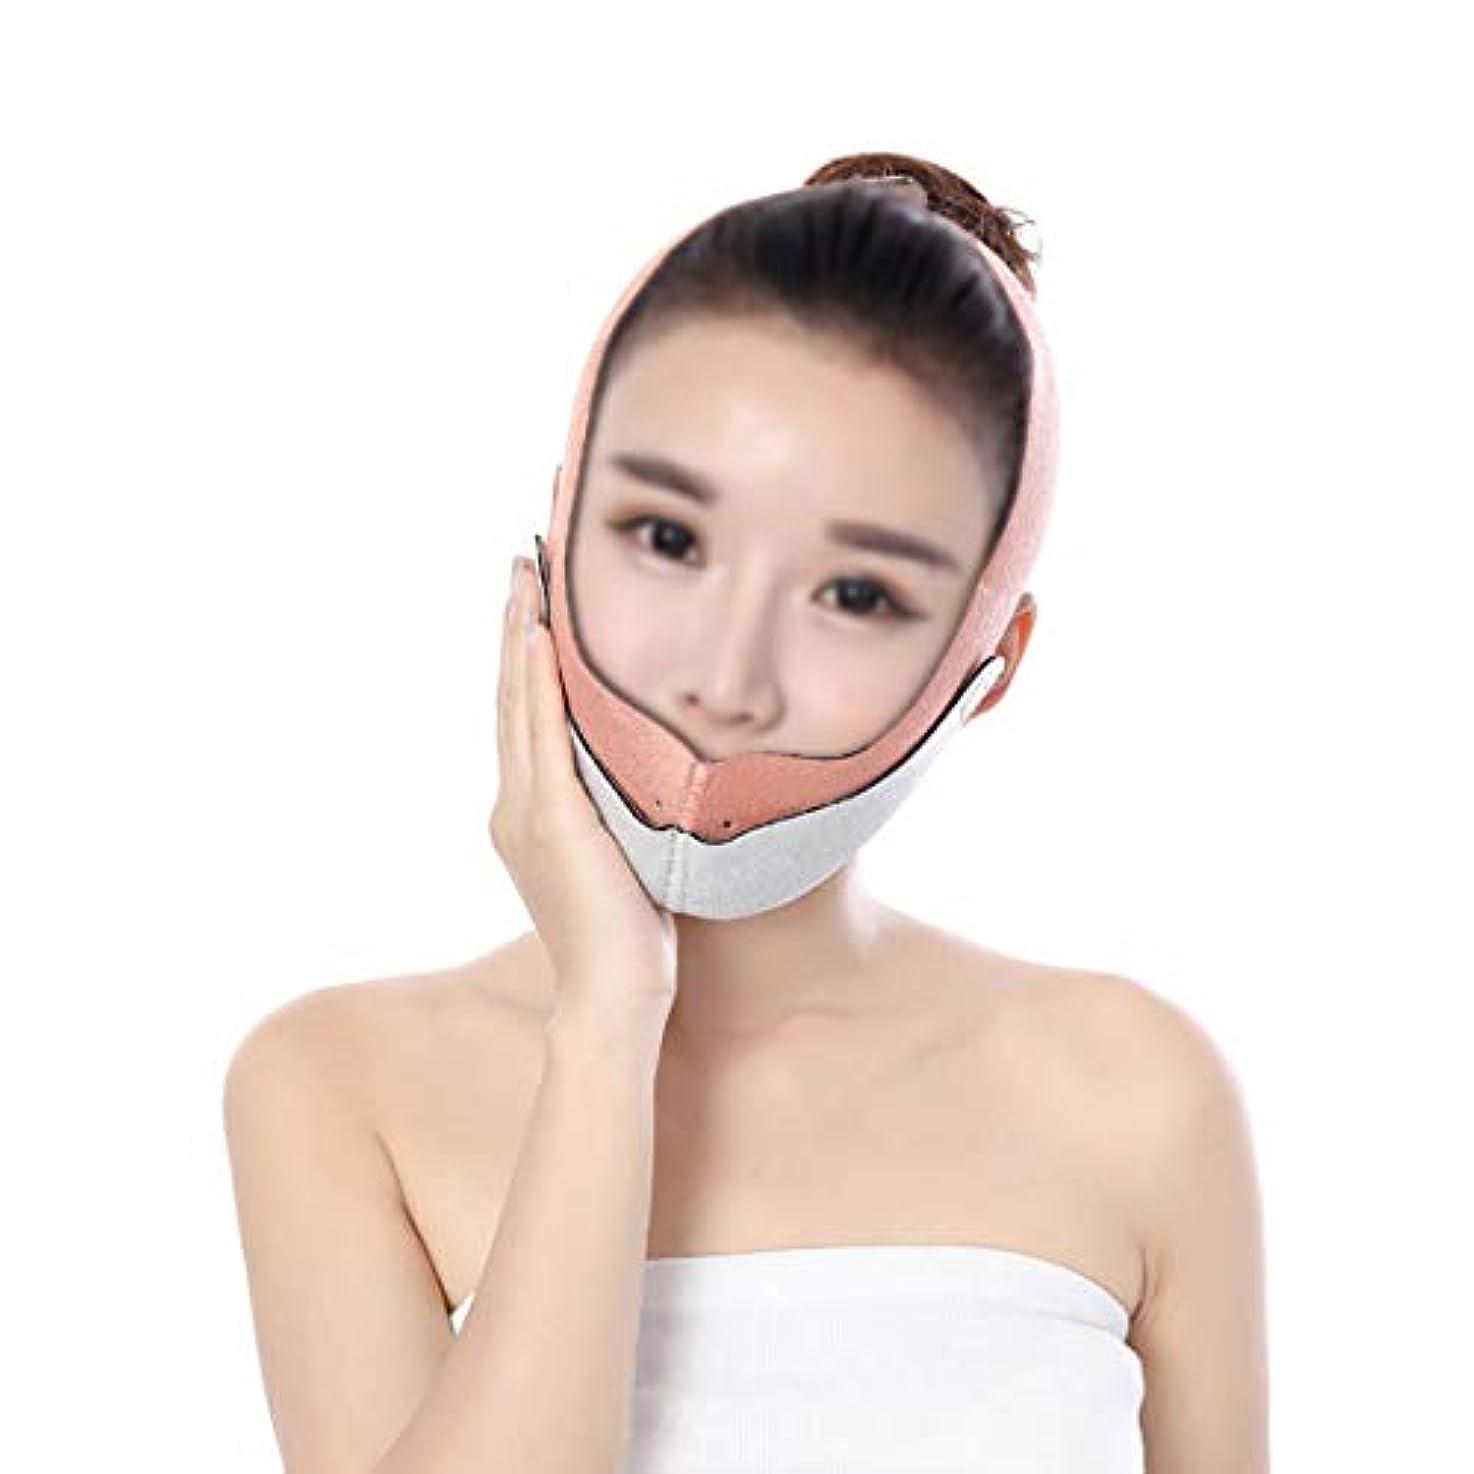 開業医ただやる不名誉なTLMY ファーミングマスク薄い顔アーティファクト補正フェイスリフティングアンチたるみ包帯美容マスクマスクVフェイスクロスツール 顔用整形マスク